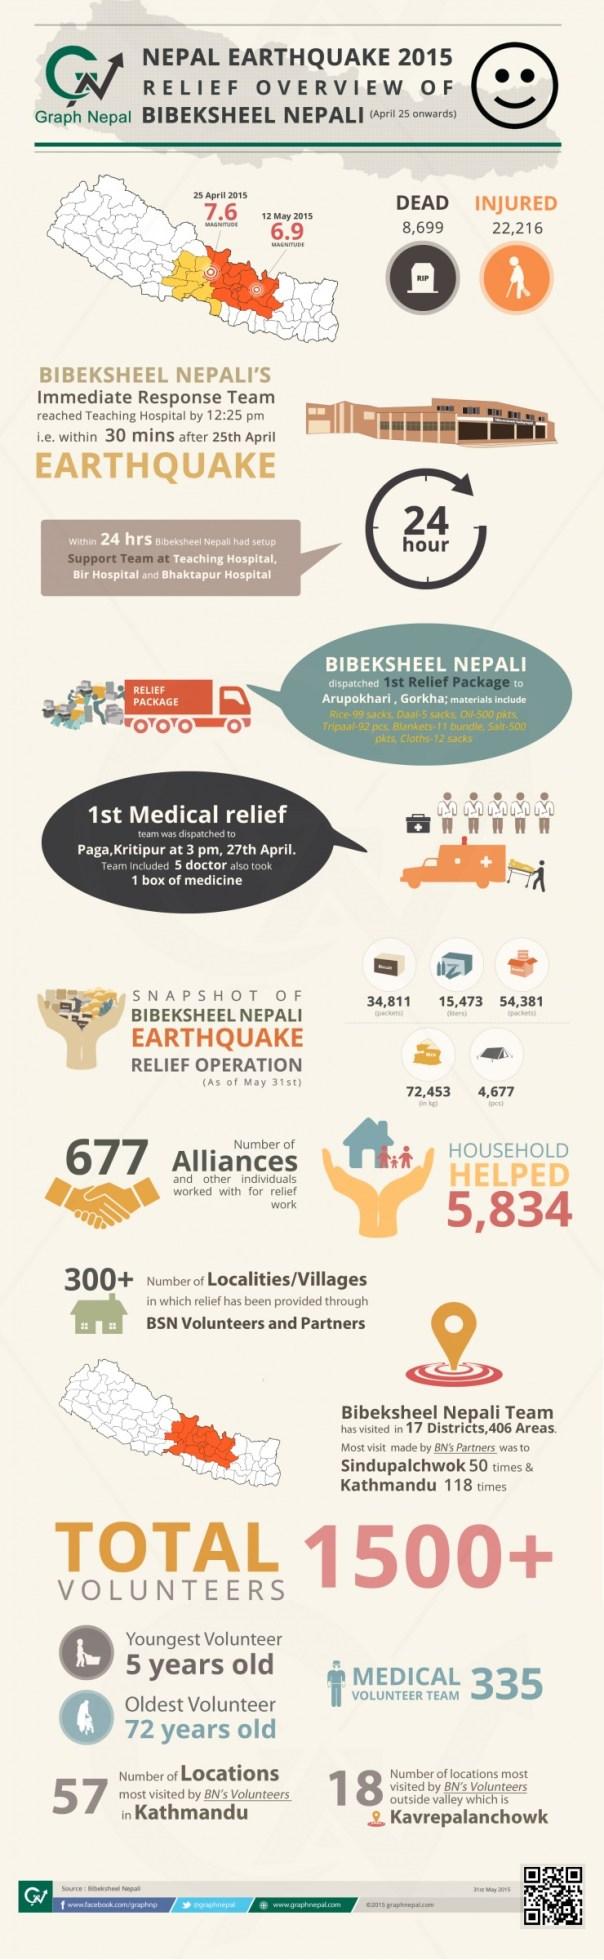 Bibeksheel nepali earthquake relief infographtics